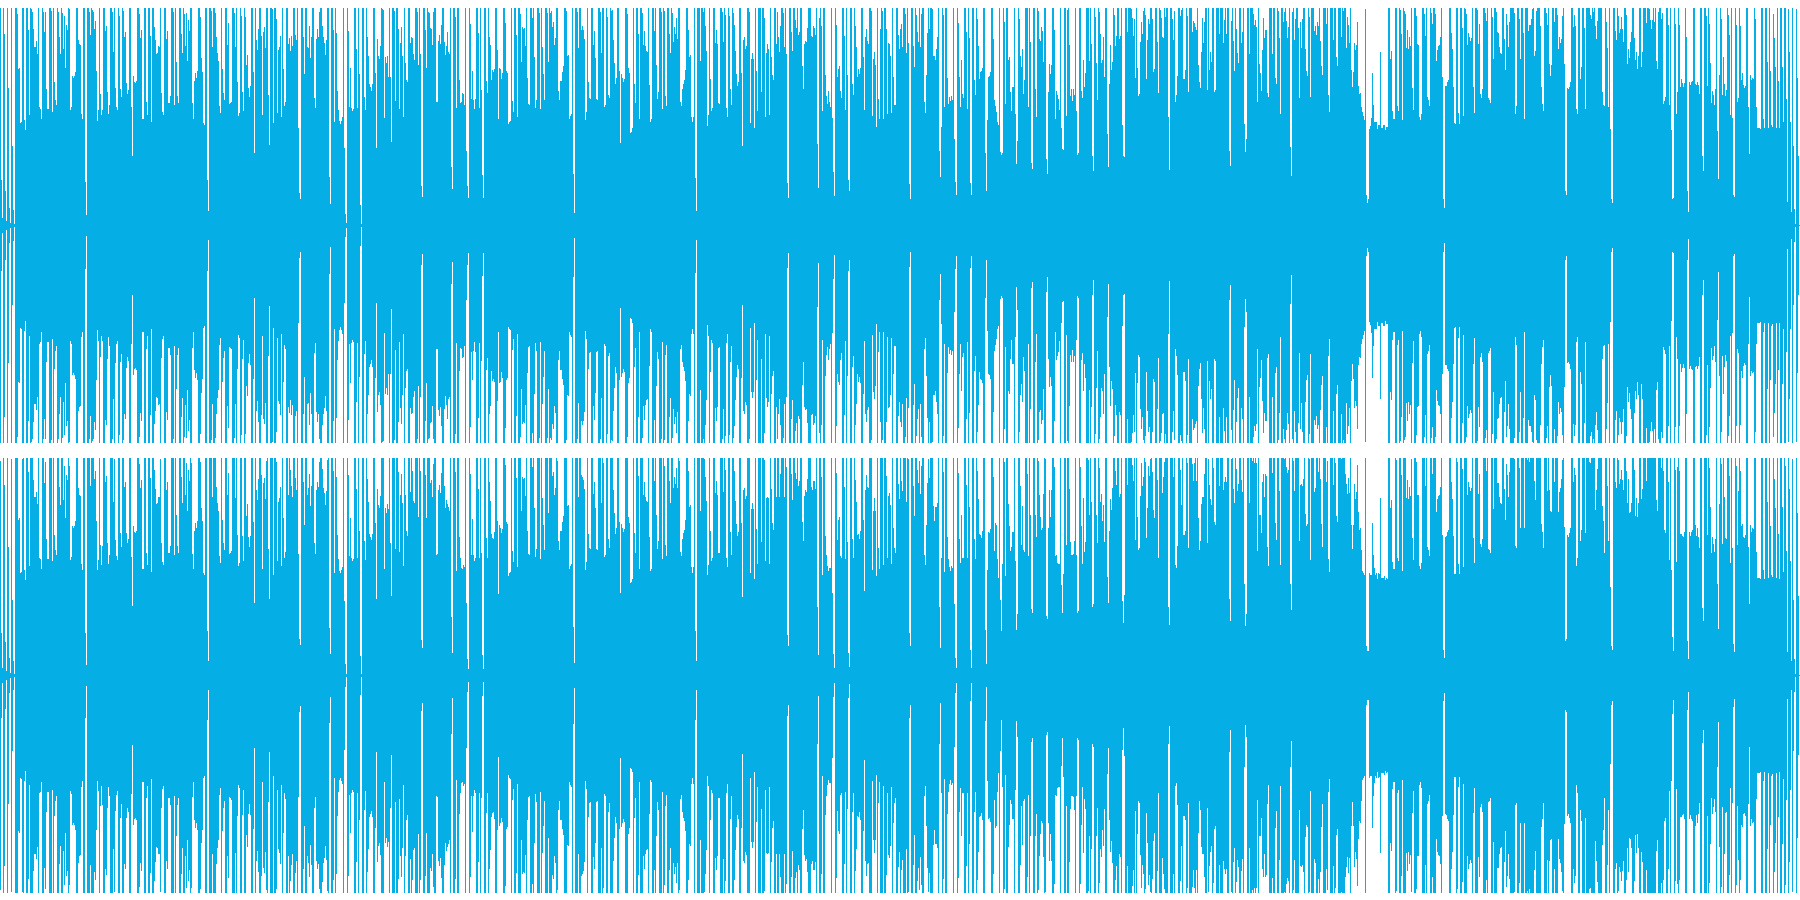 ループ仕様、気だるい、ほのぼのBGMの再生済みの波形